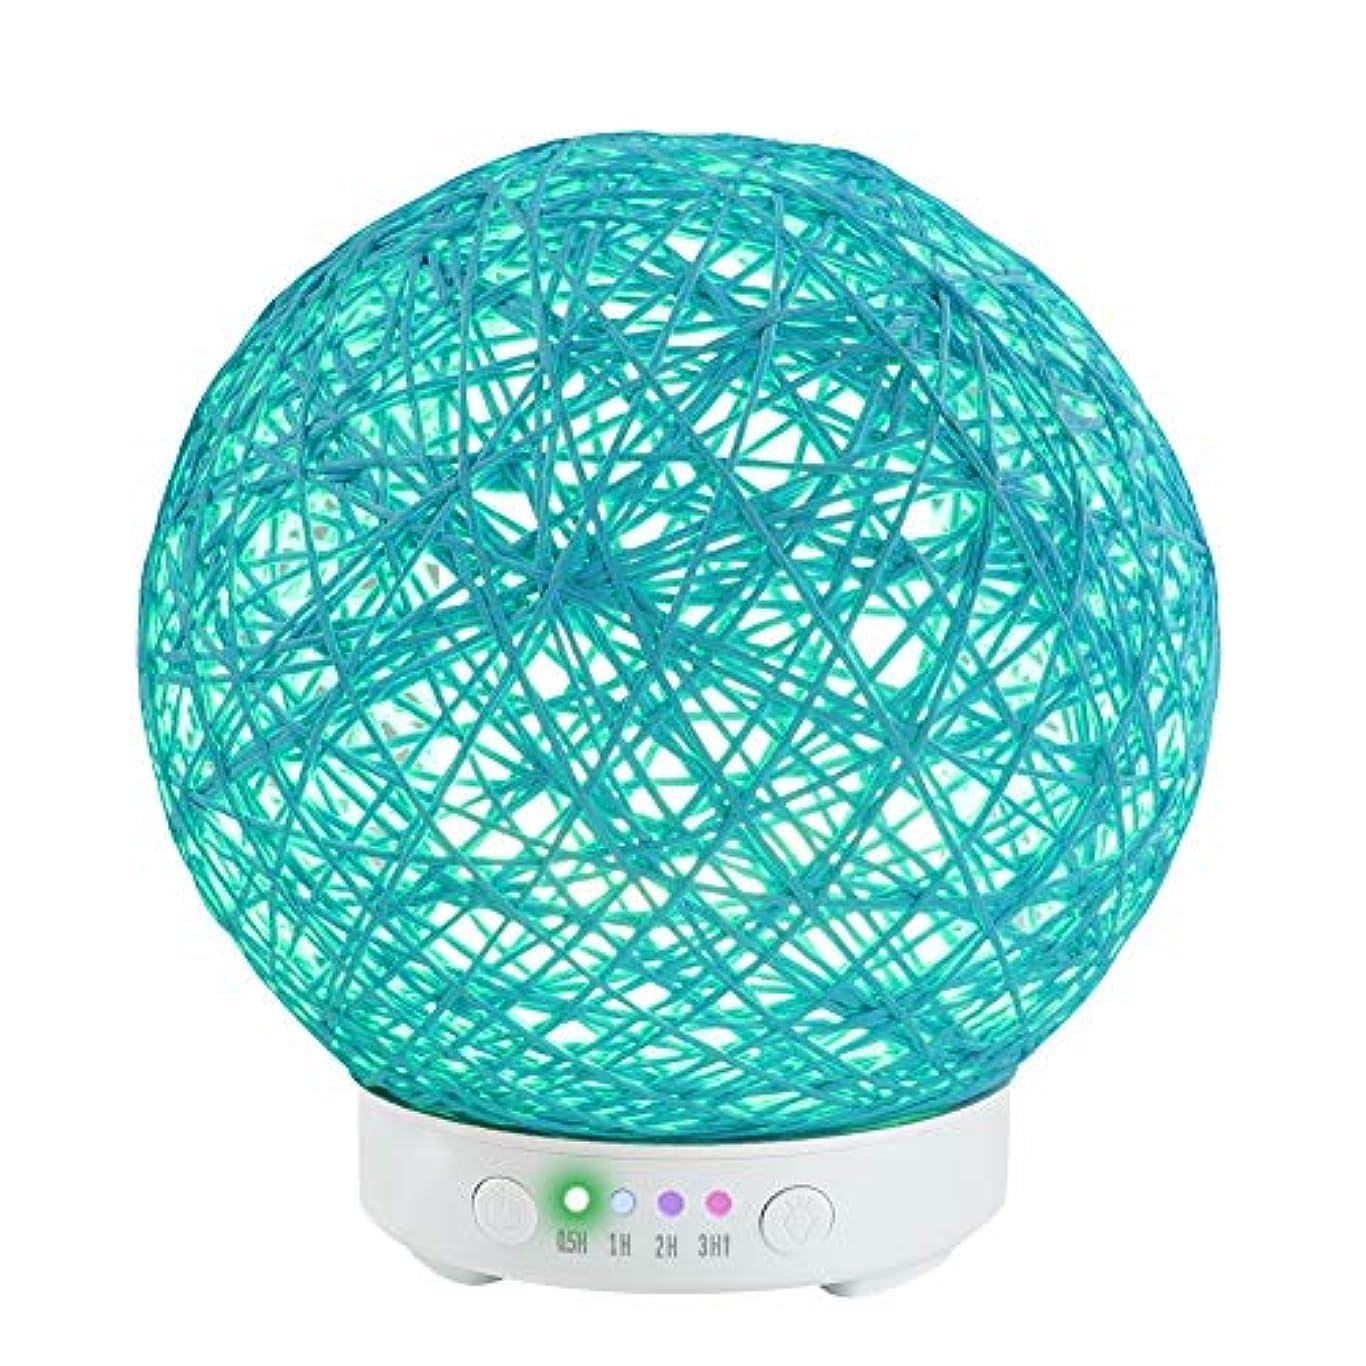 ソート電球ラジエータークリエイティブ麻アロマテラピーマシン、アロマオイルディフューザー、アロマエッセンシャルオイルディフューザー、ウォーターレスオートオフ7色LEDライト付き,Blue